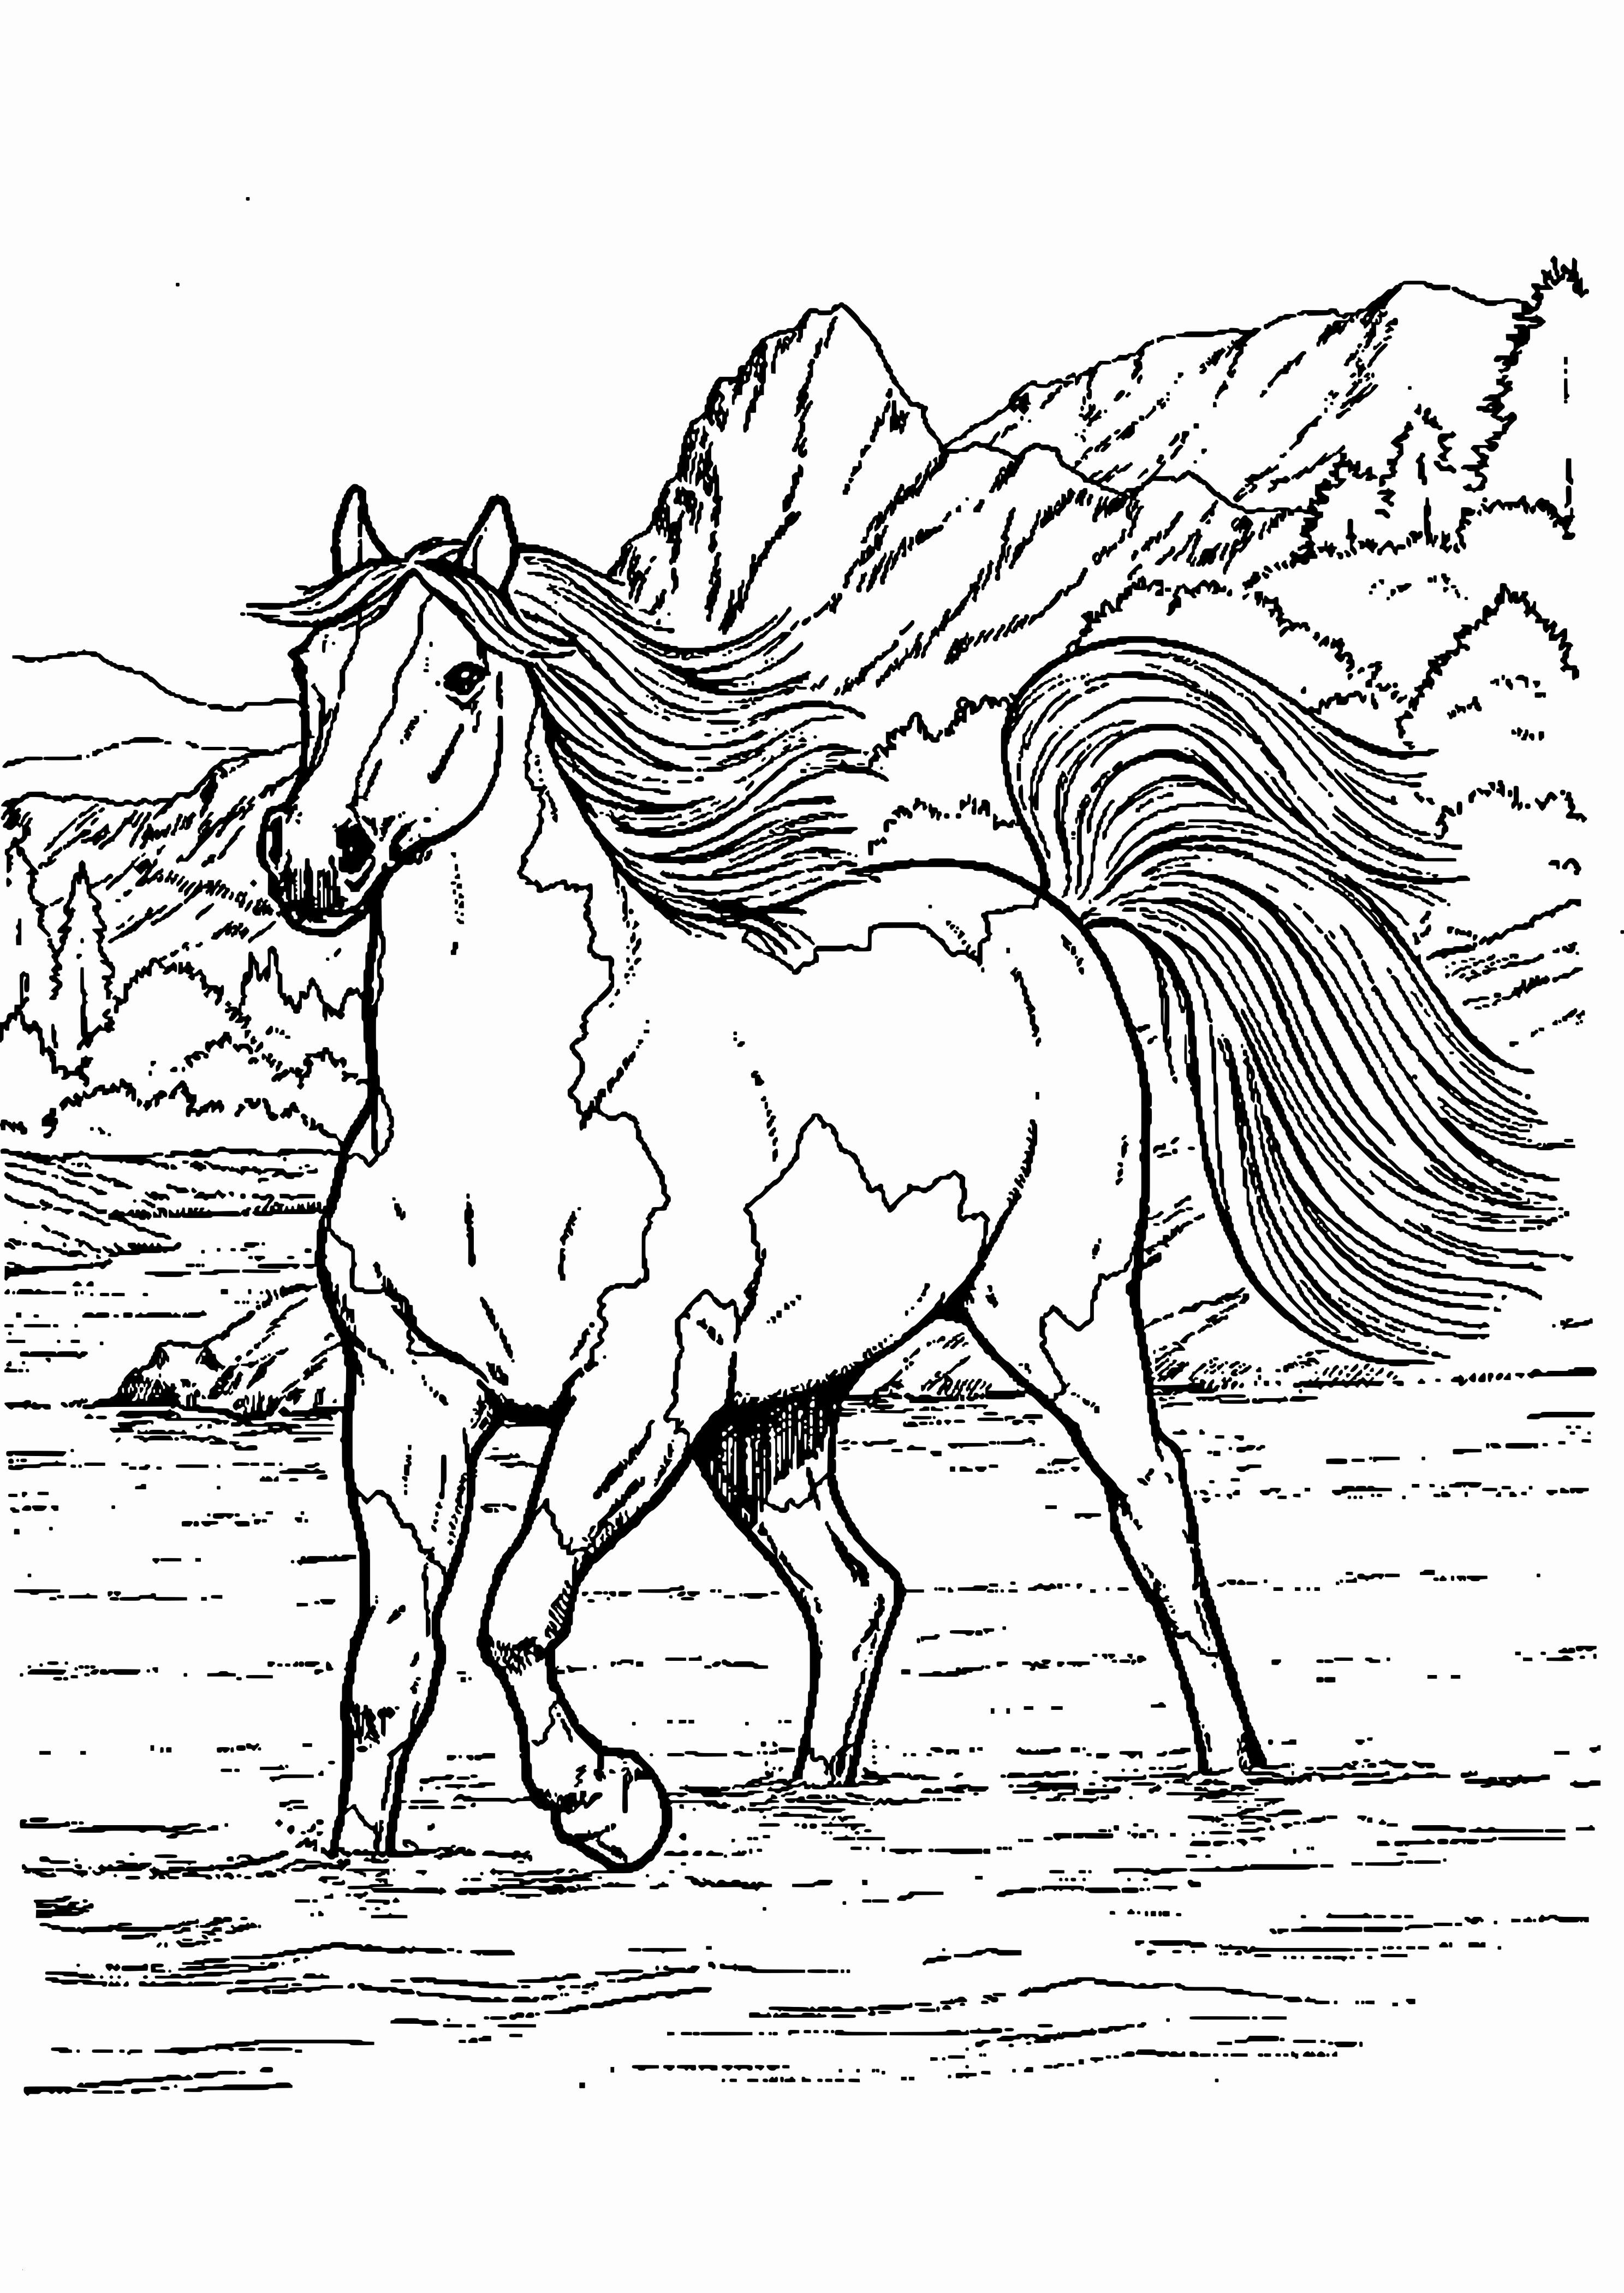 Harry Potter Ausmalbilder Wappen Neu Harry Potter Ausmalbilder élégant Malvorlagen Pferde Das Beste Von Galerie